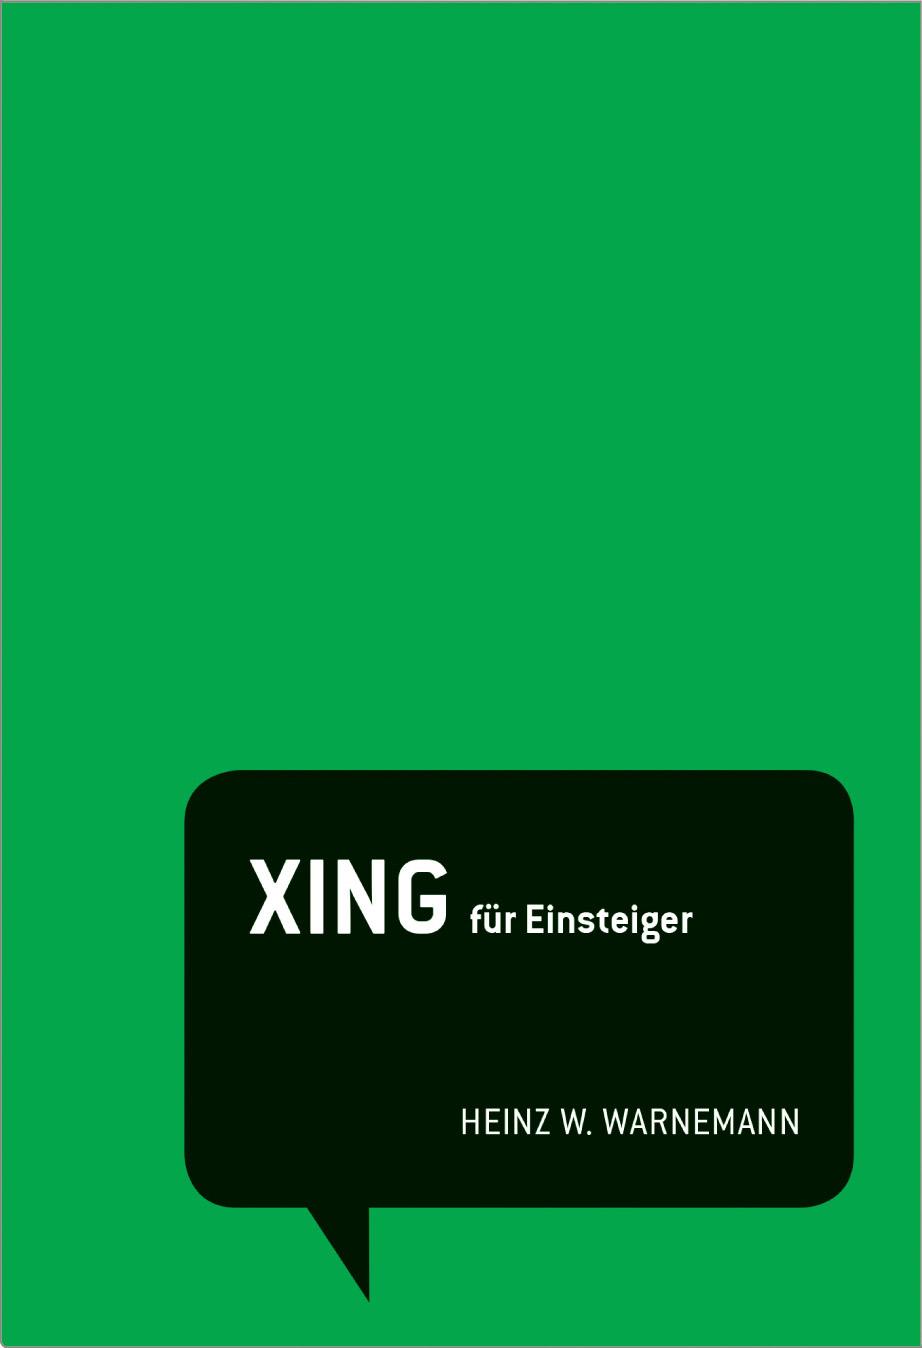 XING für Einsteiger: Social Media Minis - Warne...